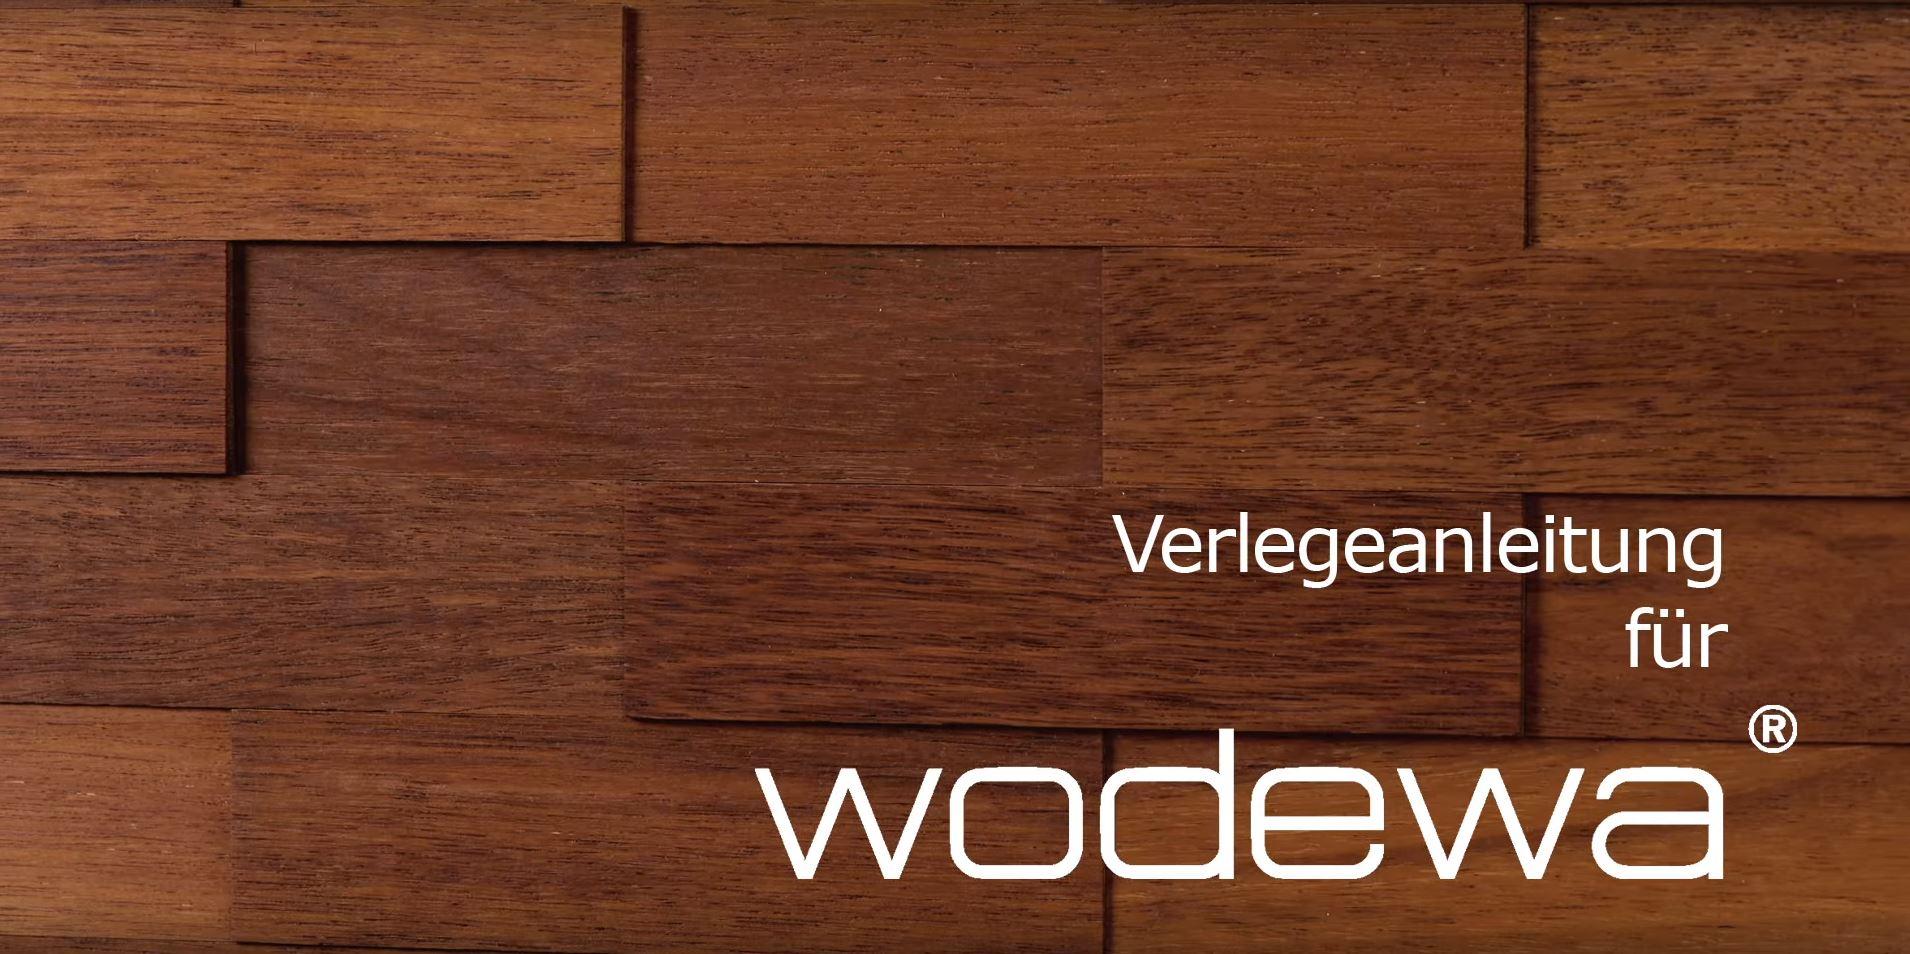 do-it-yourself: wandverkleidung aus holz richtig verlegen | wodewa shop